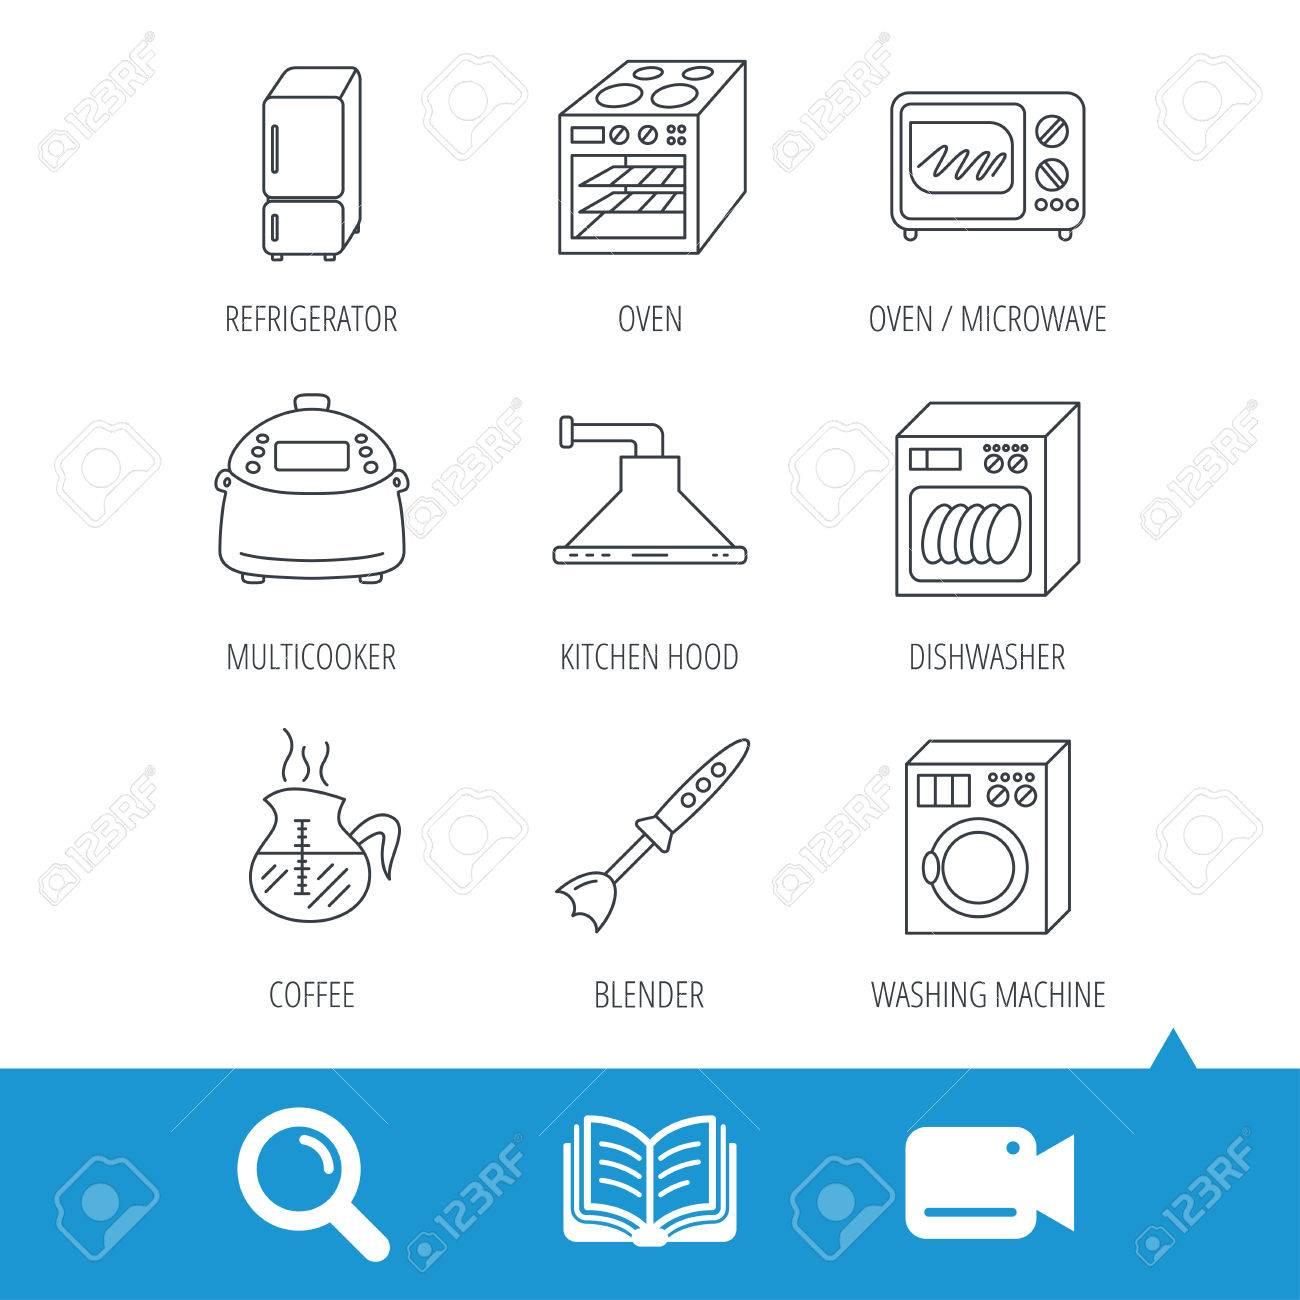 Zeichen Fur Geschirrspuler Was Bedeutet Dieses Symbol Bei Meiner